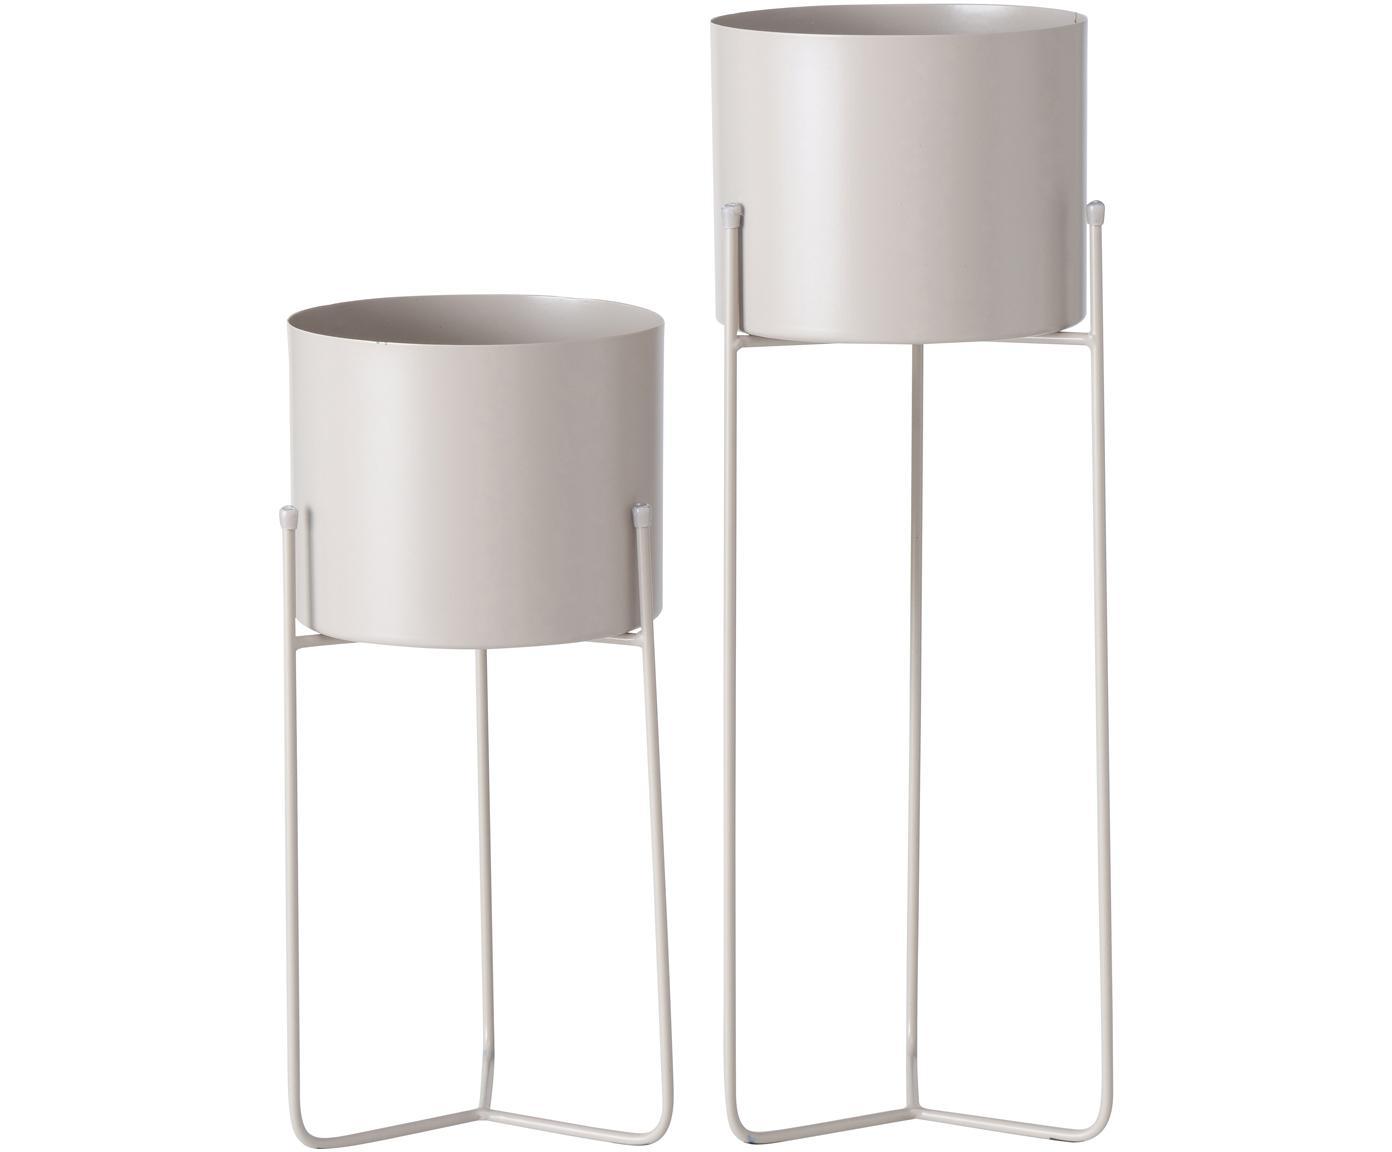 Übertopf-Set Trelli aus Metall, 2-tlg., Metall, pulverbeschichtet, Beige, Set mit verschiedenen Größen